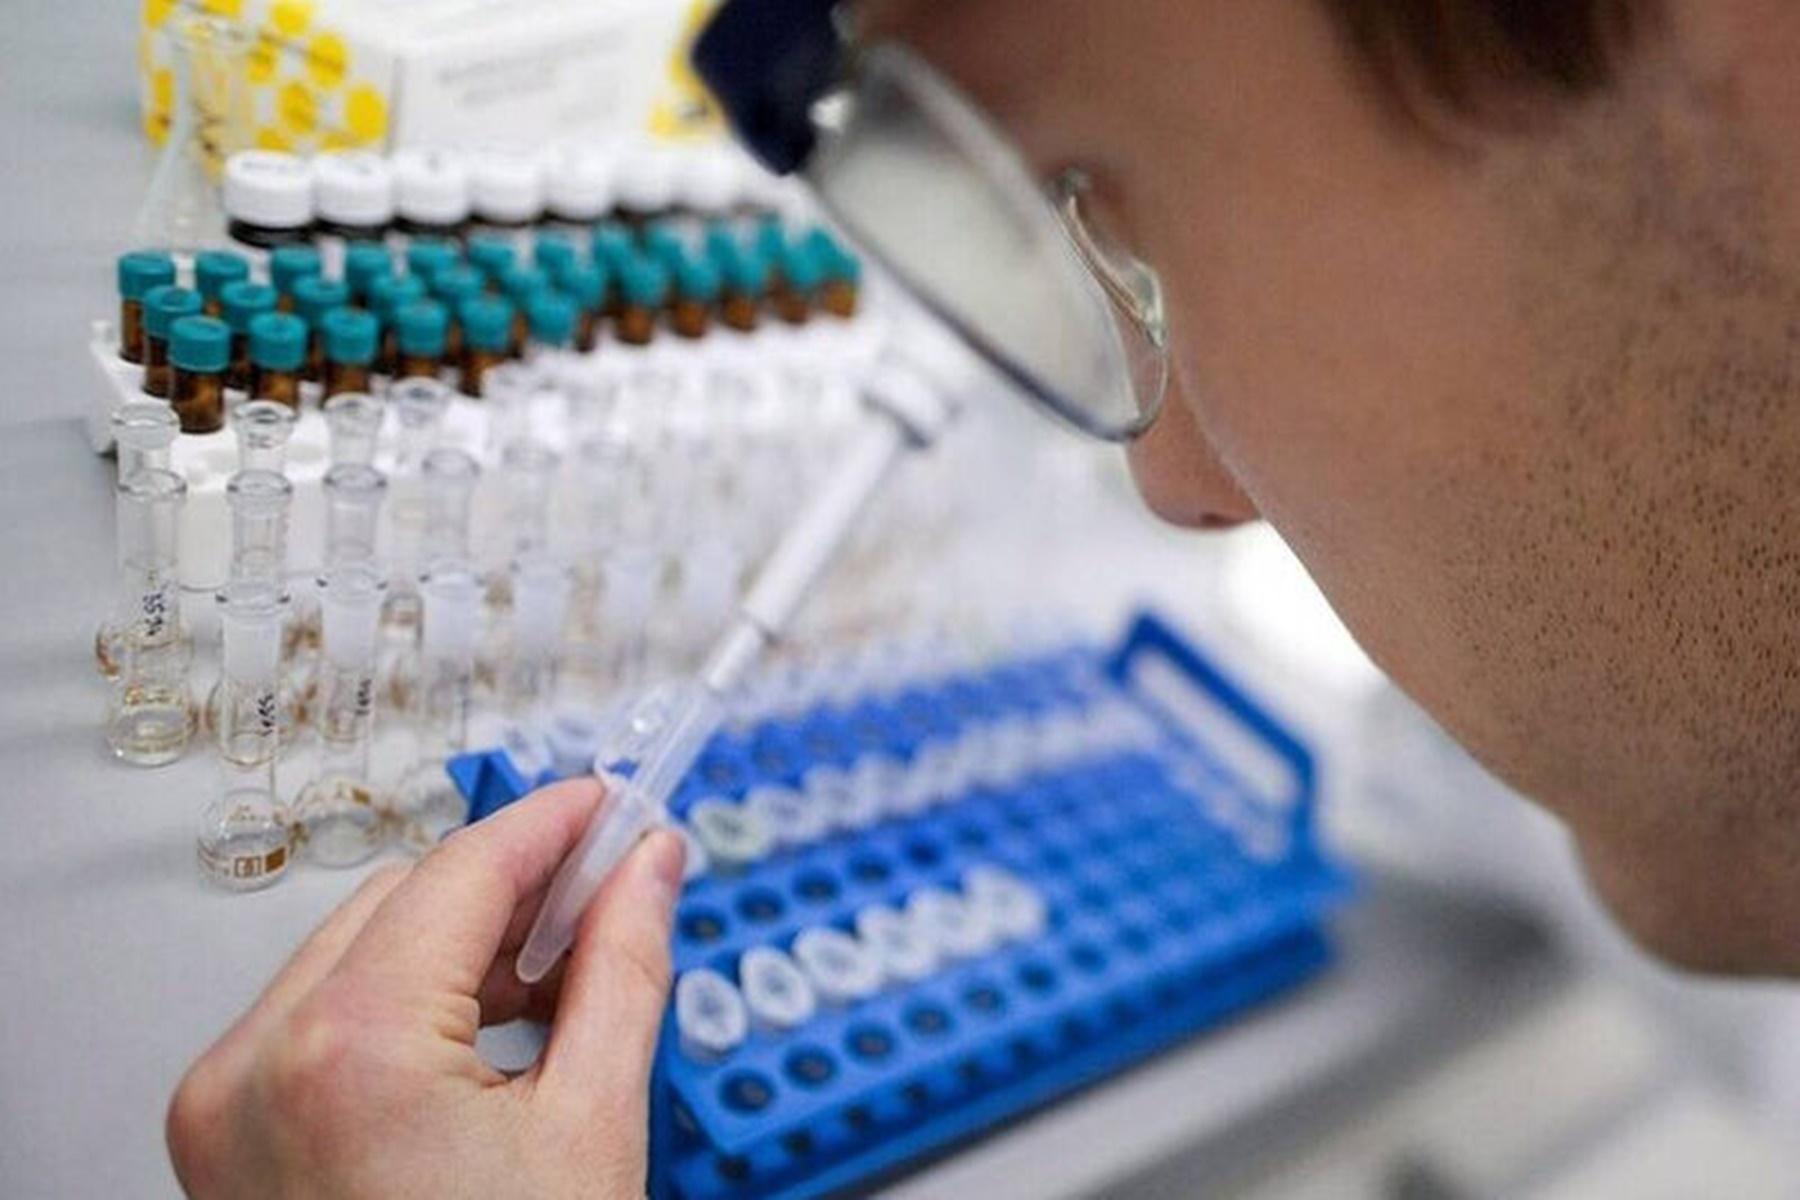 Ρευματικά νοσήματα : Τα Βιομοειδή τα αντιμετωπίζουν αποτελεσματικά